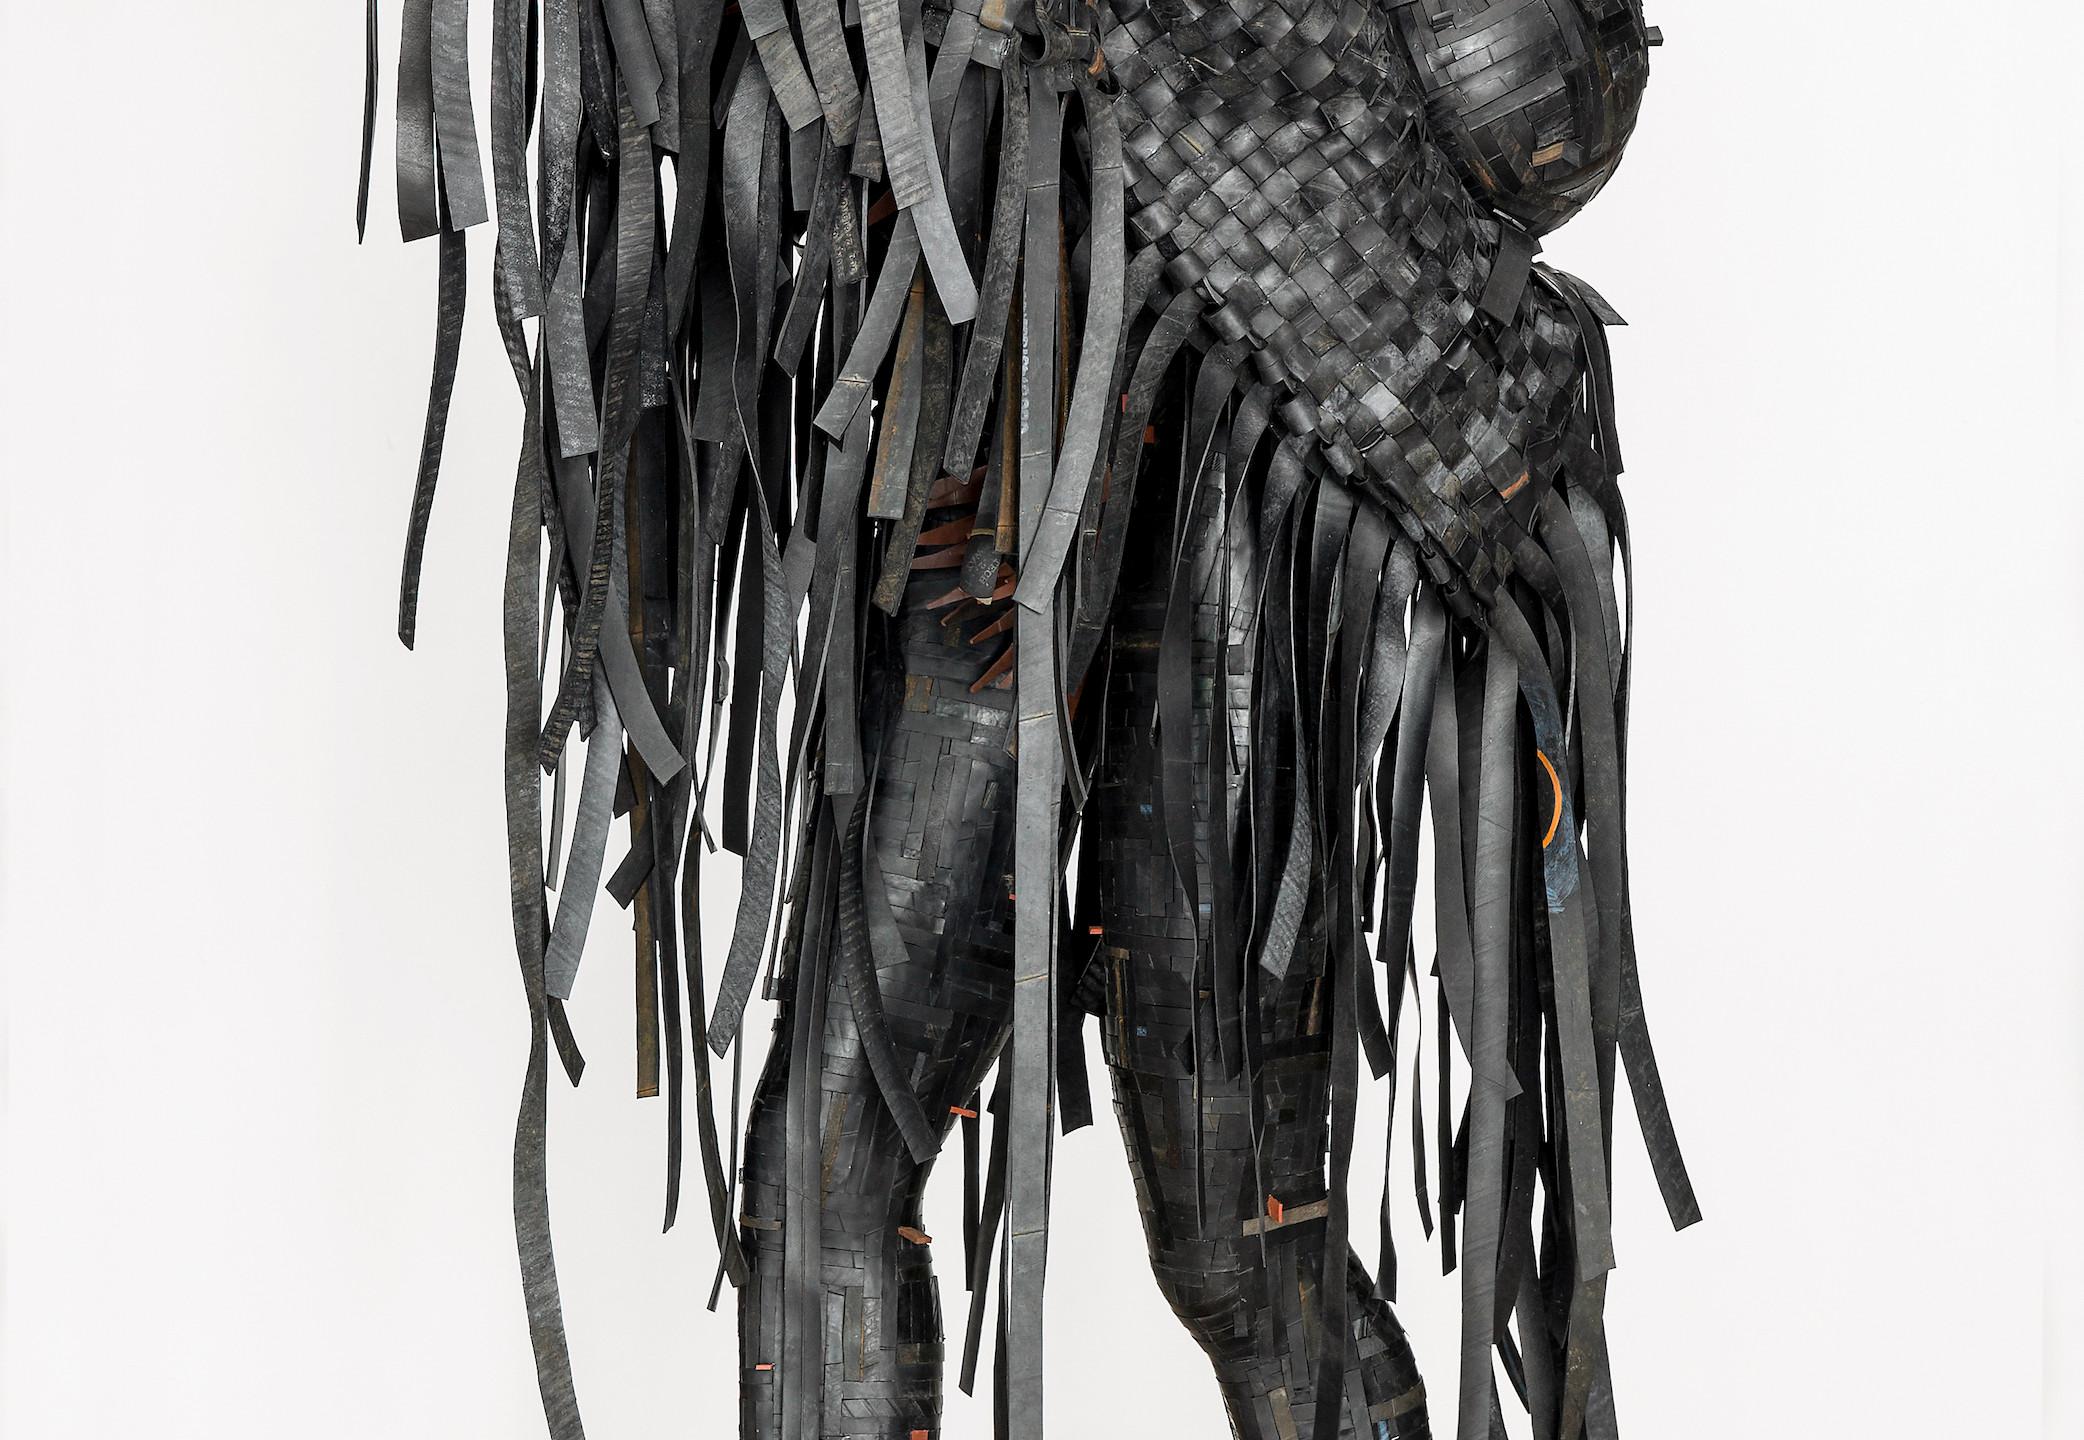 Patrick Bongoy at Ebony Gallery